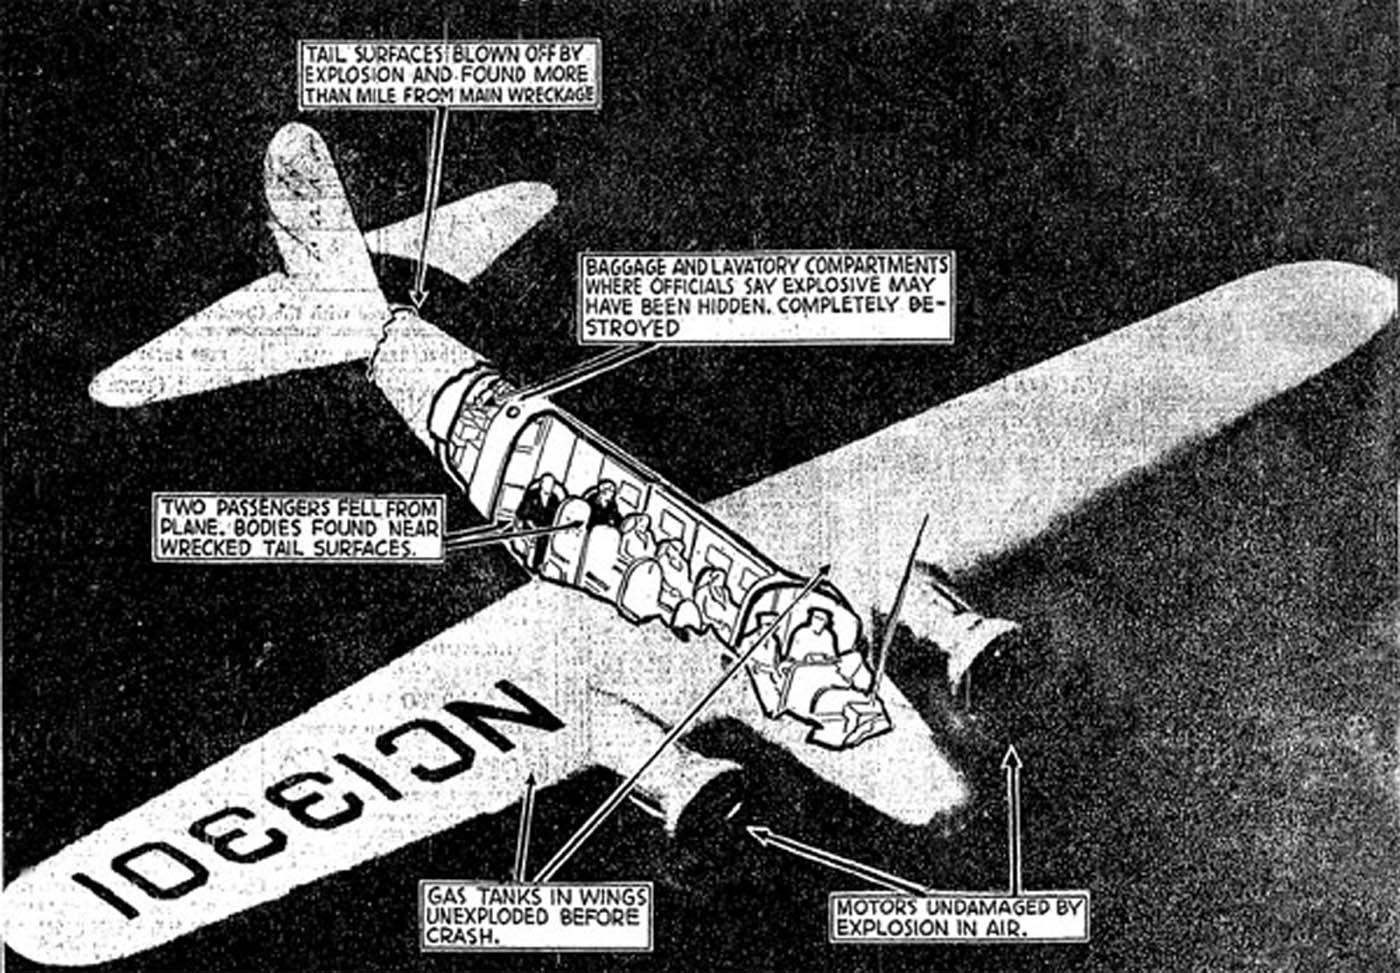 Схема расположения сидений и предполагаемой бомбы в самолете